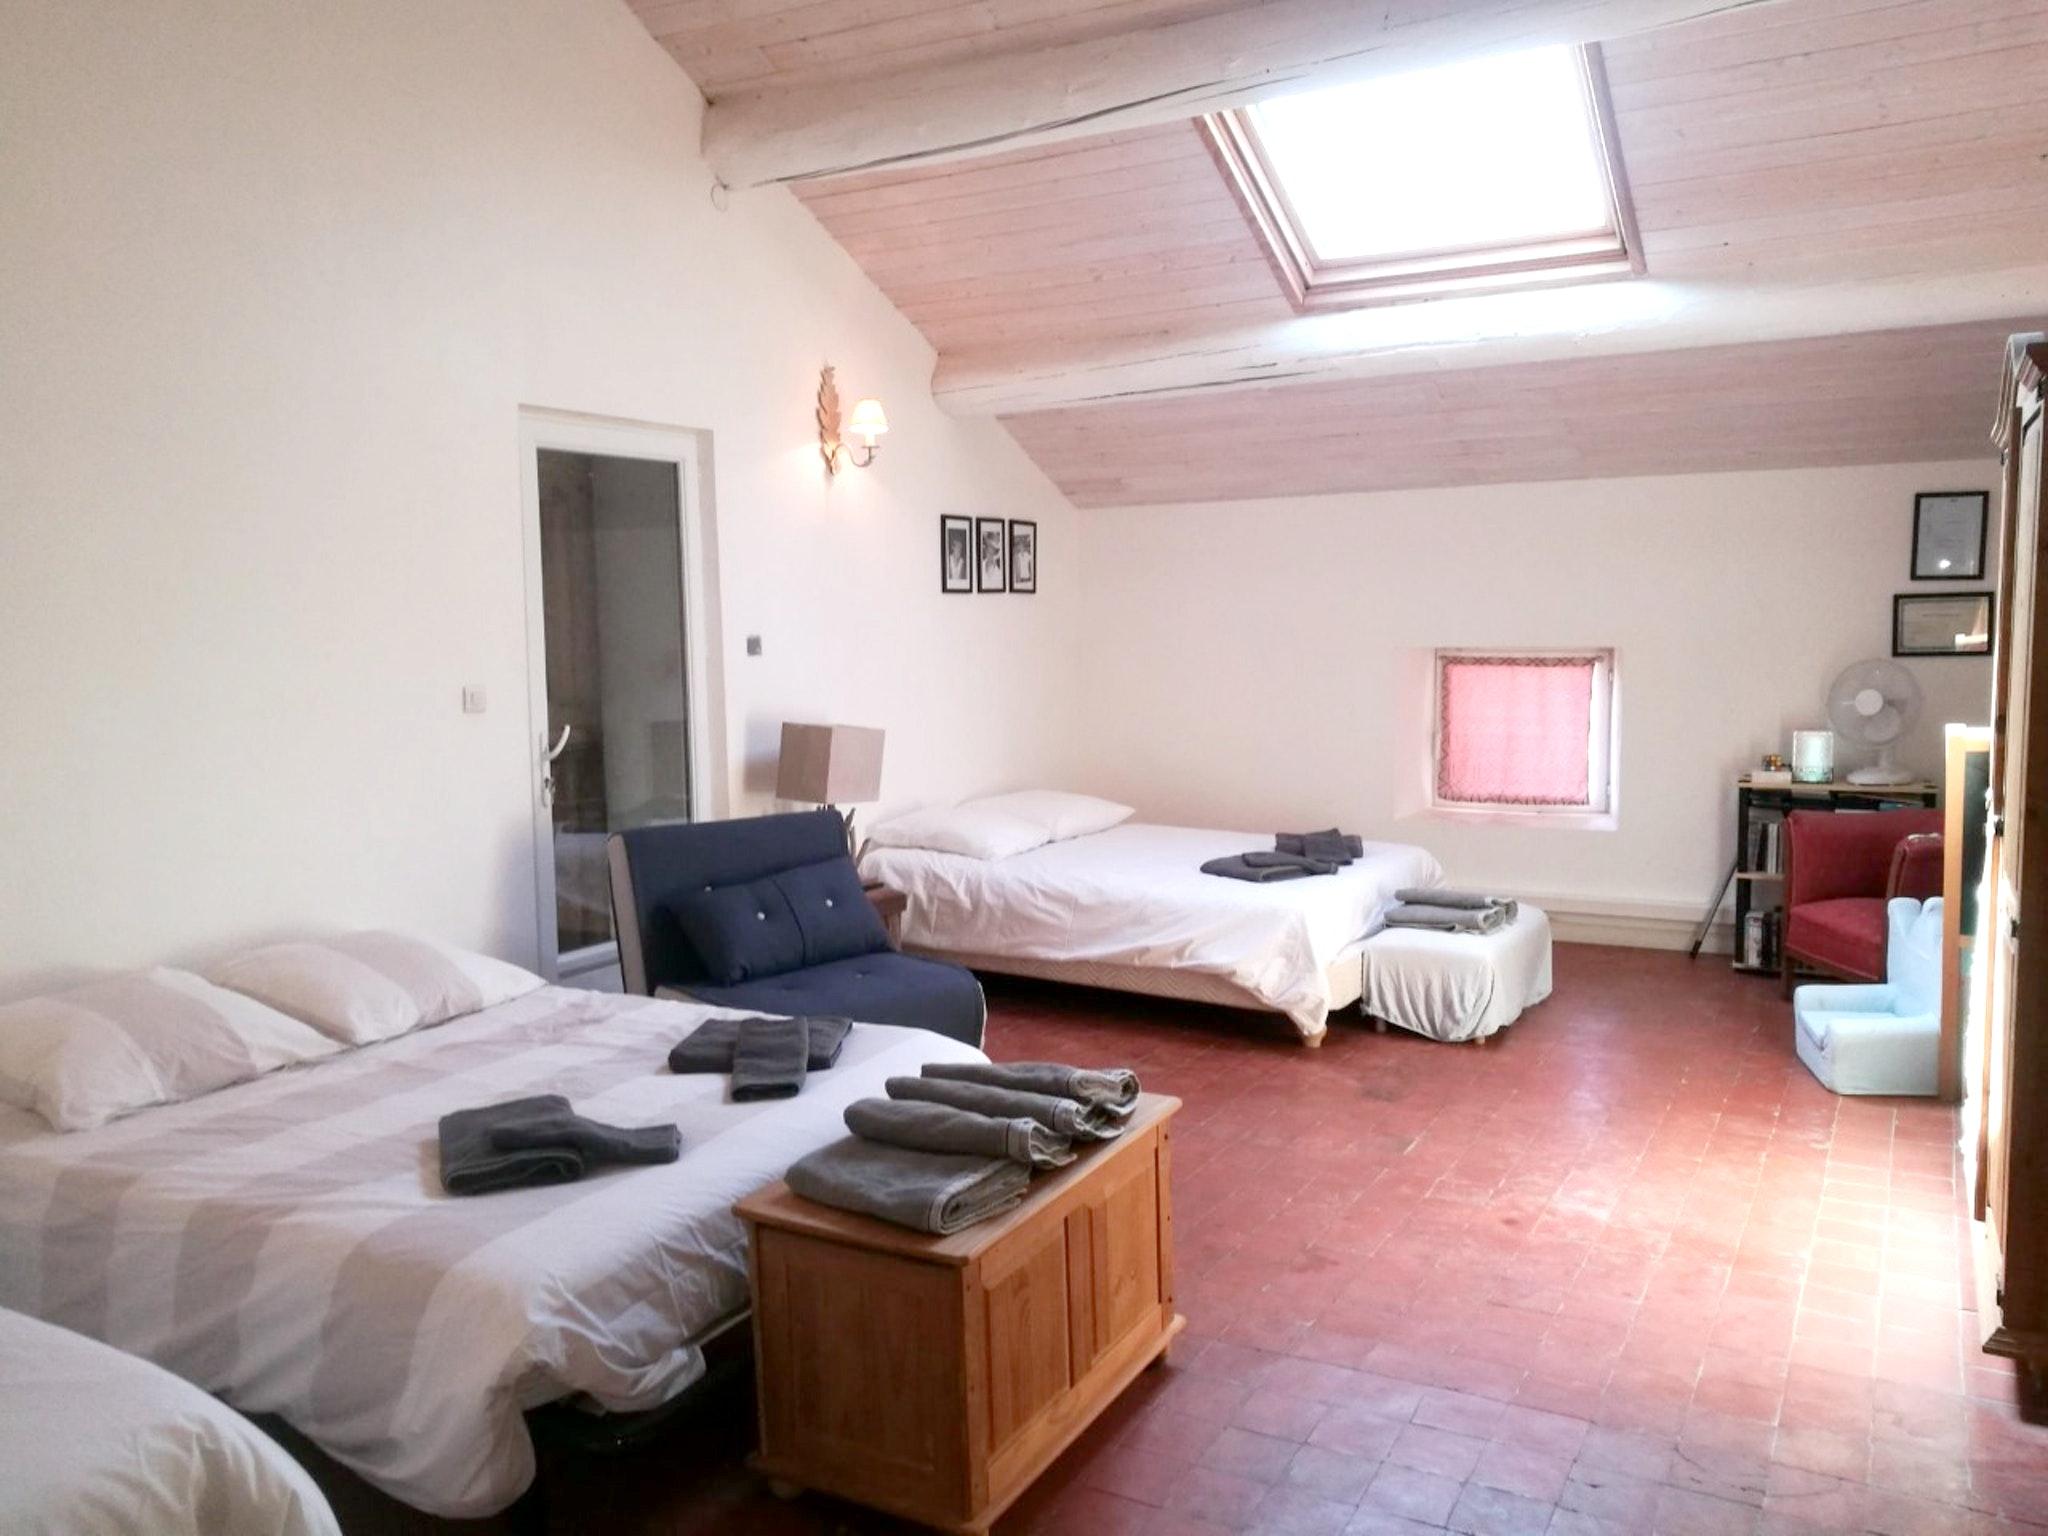 Ferienhaus Haus mit 6 Schlafzimmern in Pernes-les-Fontaines mit privatem Pool, möbliertem Garten und  (2377414), Pernes les Fontaines, Saône-et-Loire, Burgund, Frankreich, Bild 40